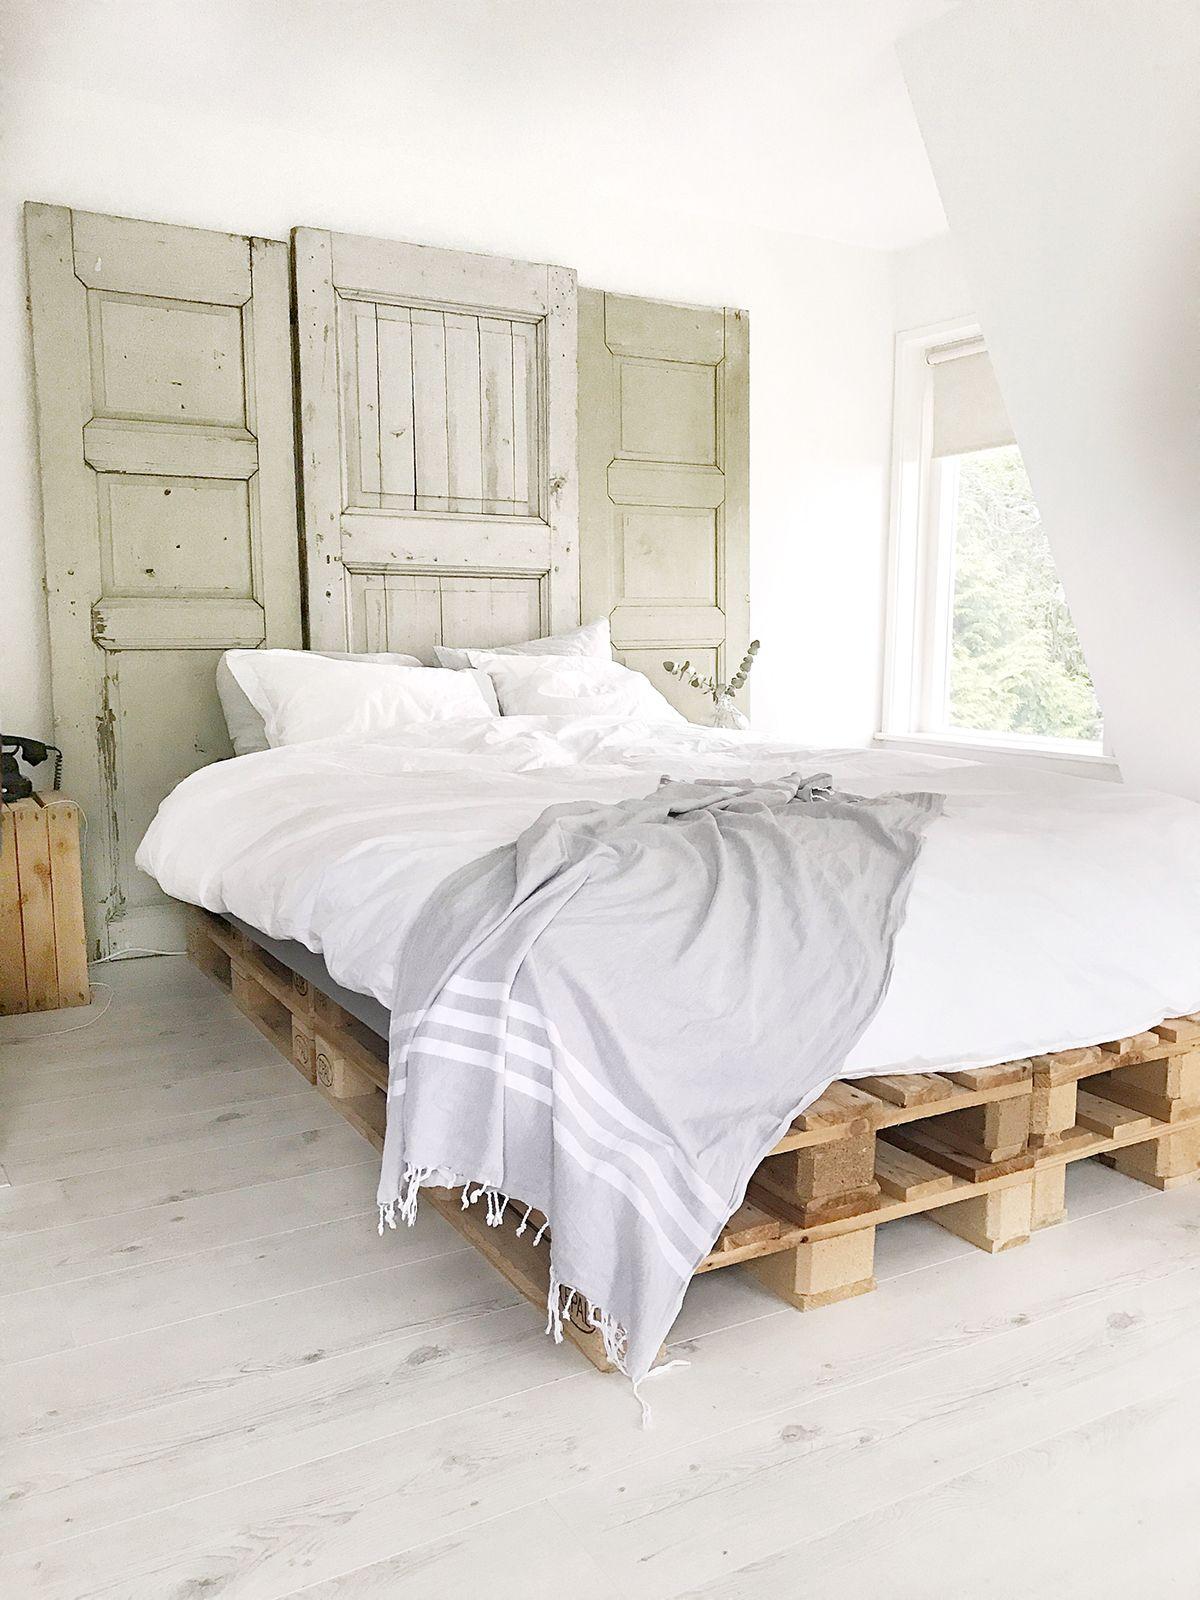 slaapkamer inspiratie bedroom pallets interior slaapkamer interieur